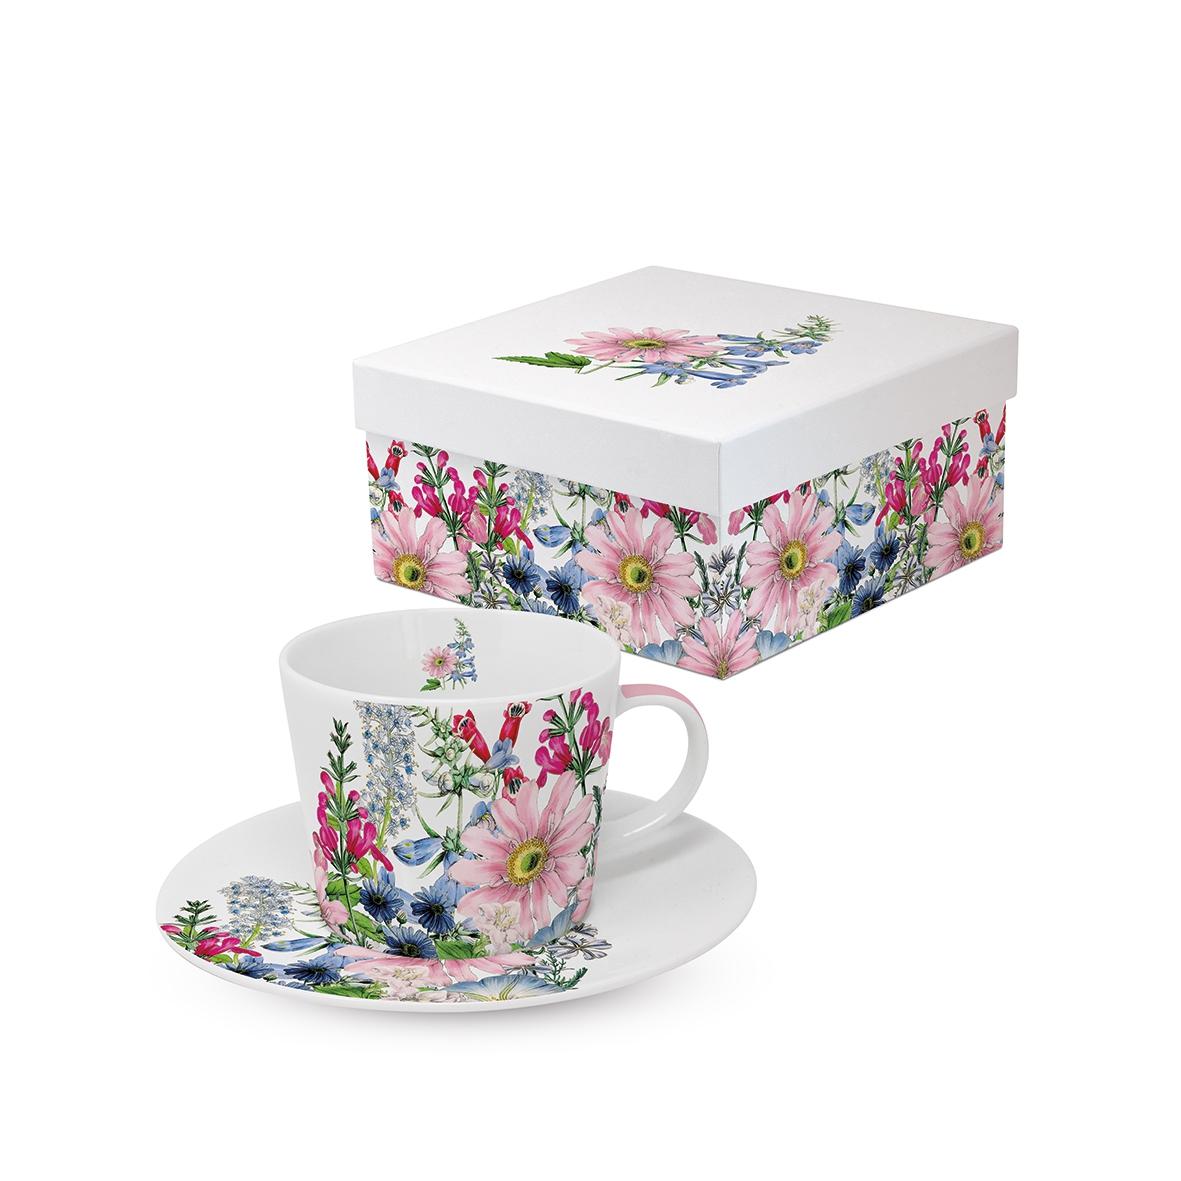 Tazas de Espresso - Floriculture